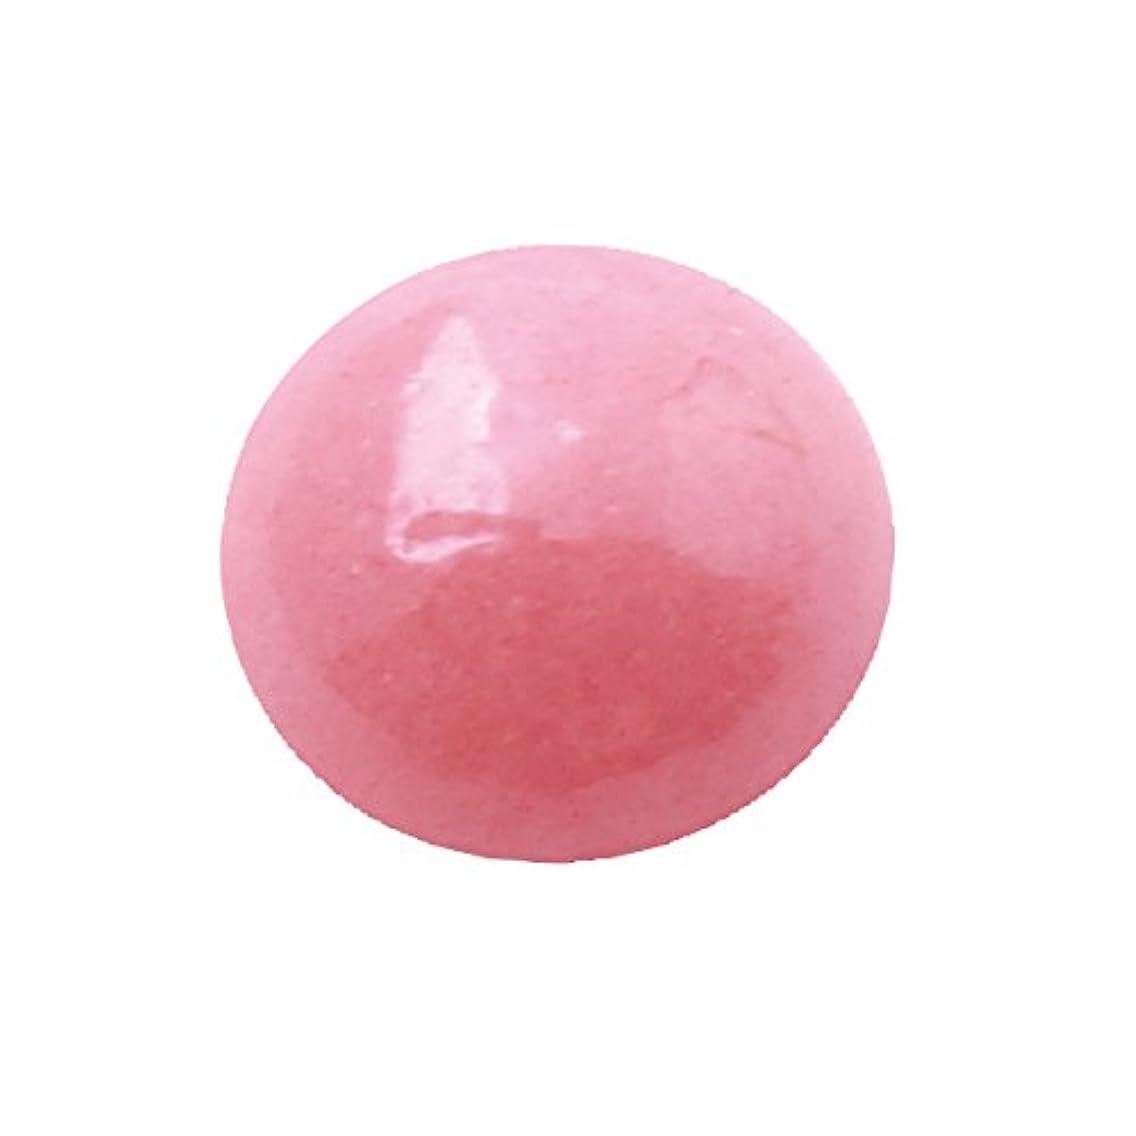 オーナー生命体スキムグラスパールラウンド 2mm(各50個)(ストーン ネイルアート ネイル用品)ピンク